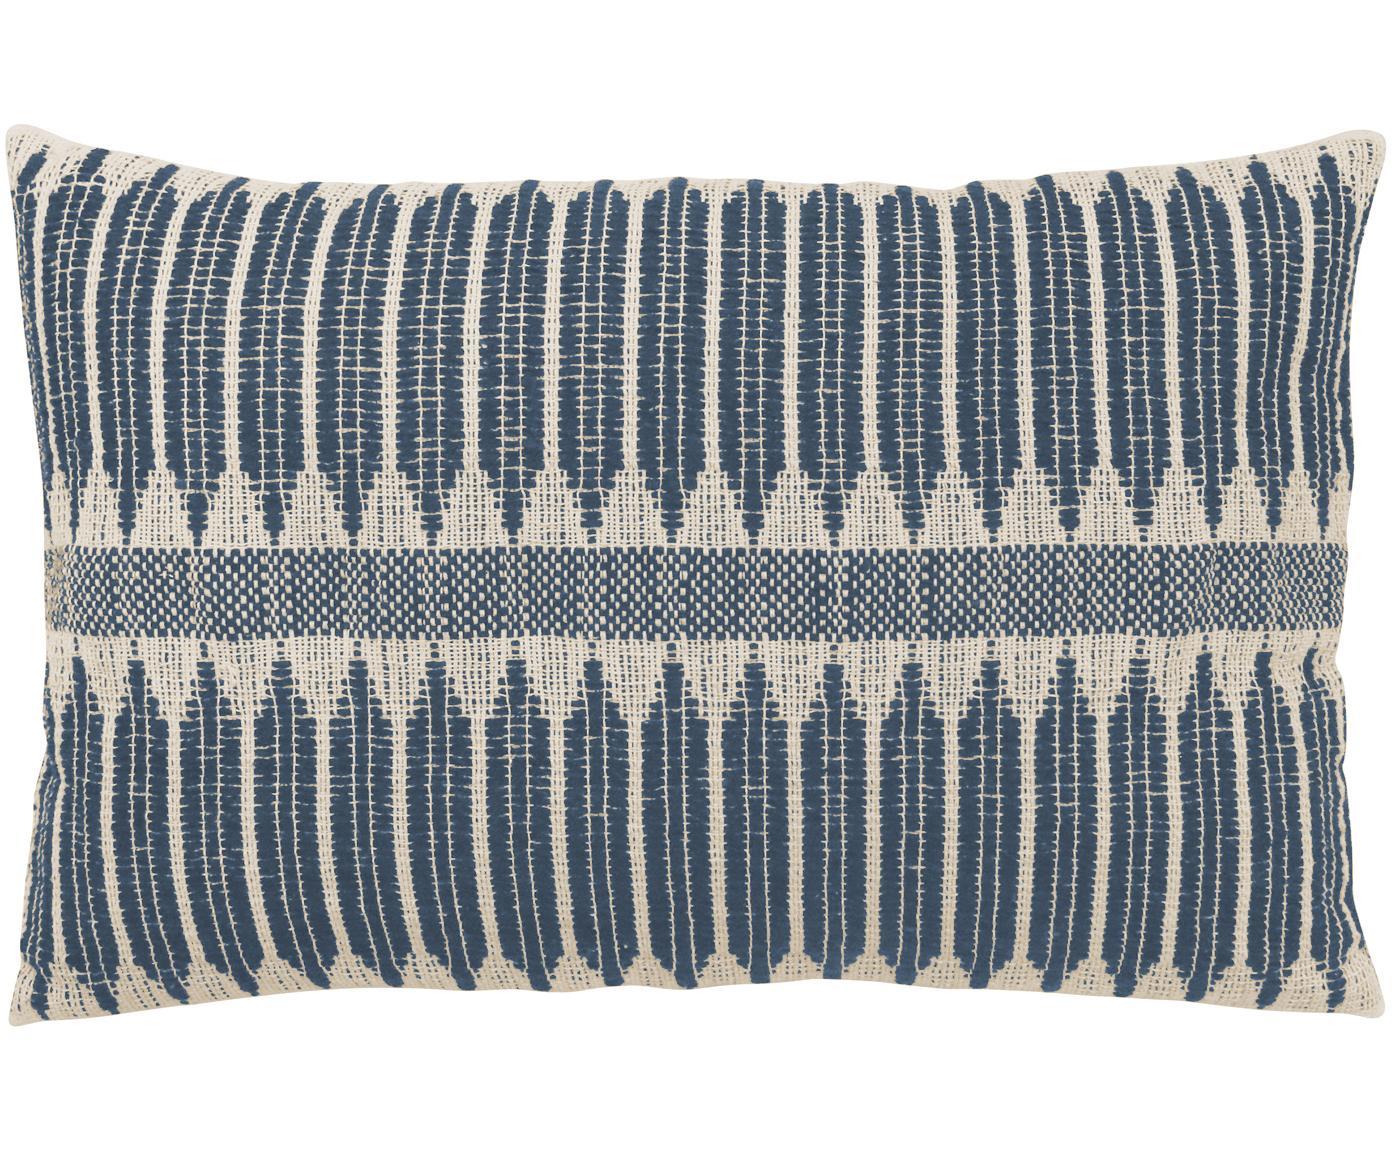 Handgemachtes Kissen Aztec im Boho Style, mit Inlett, Hülle: 100% Baumwolle, Dunkelblau, Creme, 40 x 60 cm